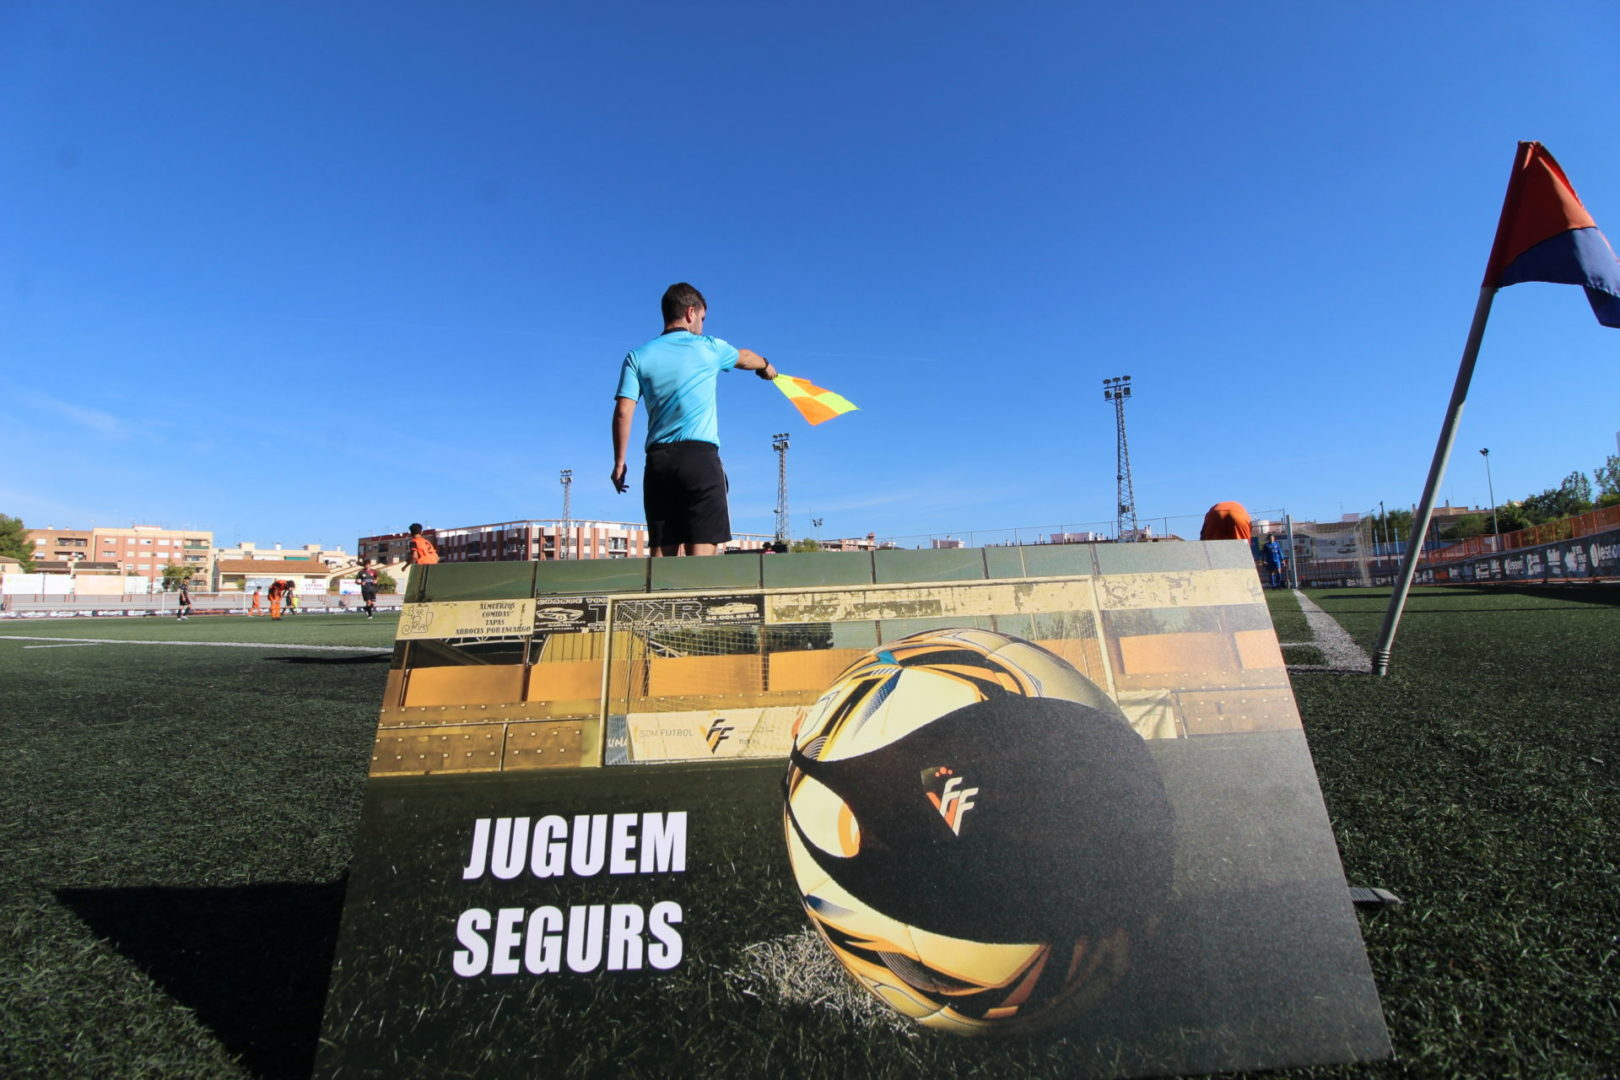 El futbol federat capaç de plantar-li cara a la Covid-19